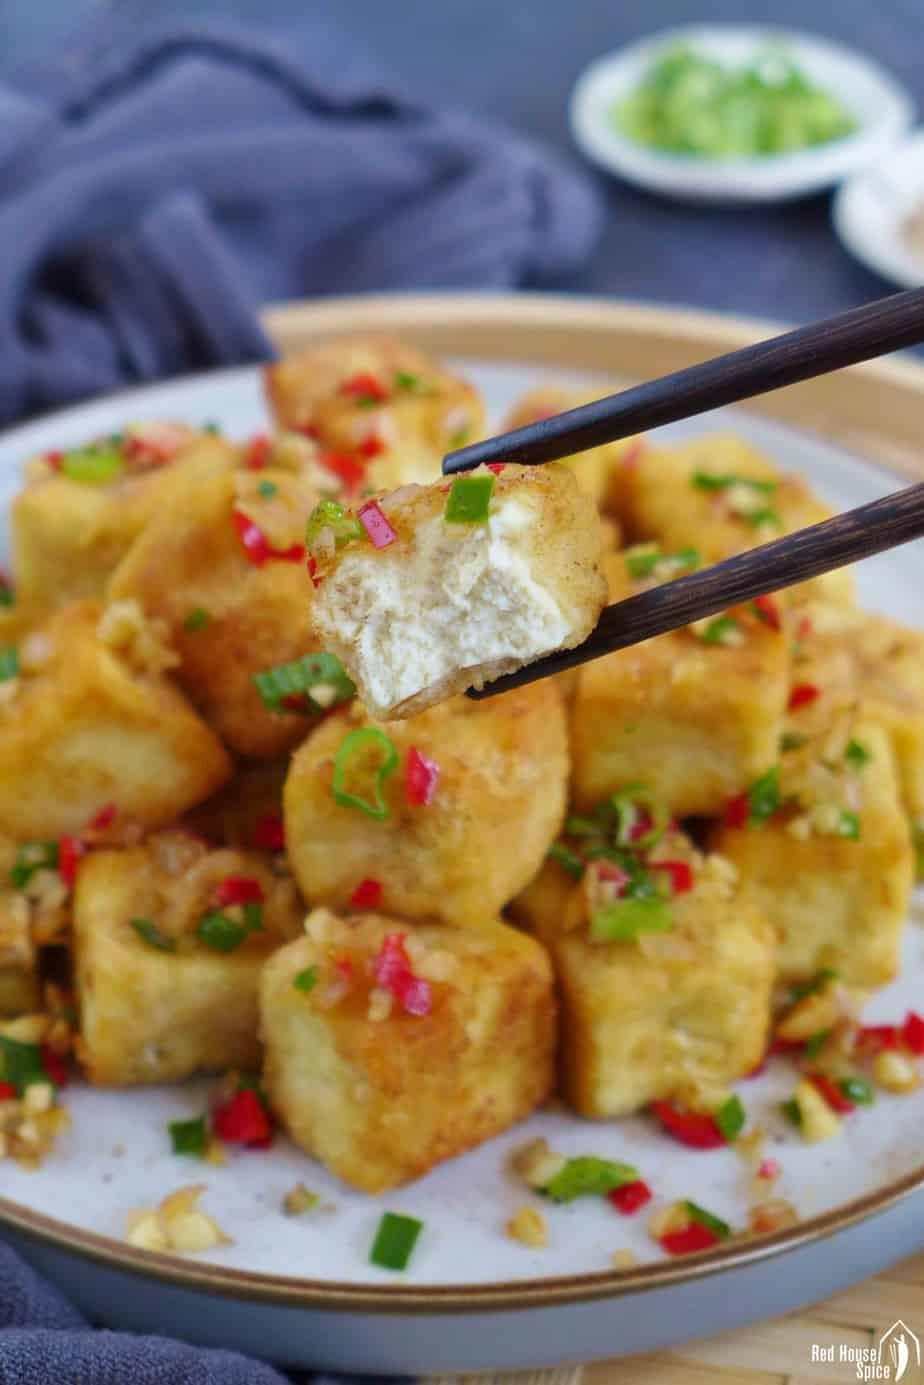 chopsticks picking up a piece of half eaten fried tofu